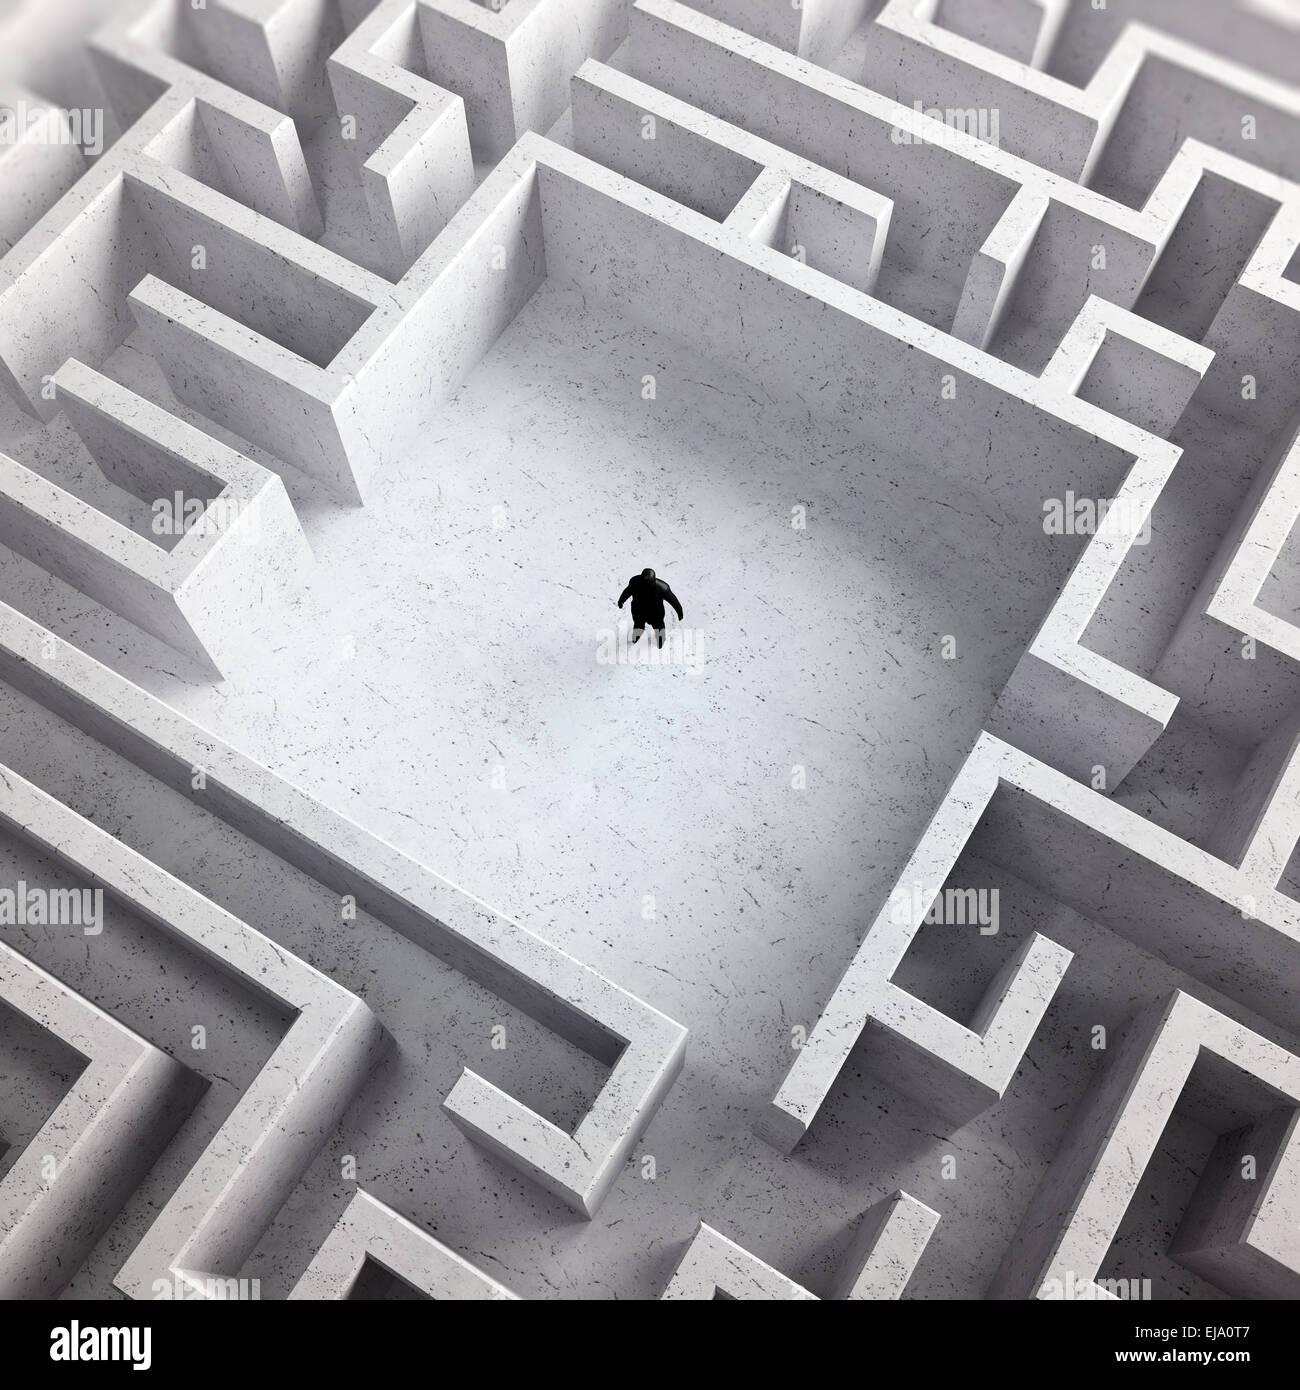 Piccolo uomo dentro un infinito labirinto Immagini Stock